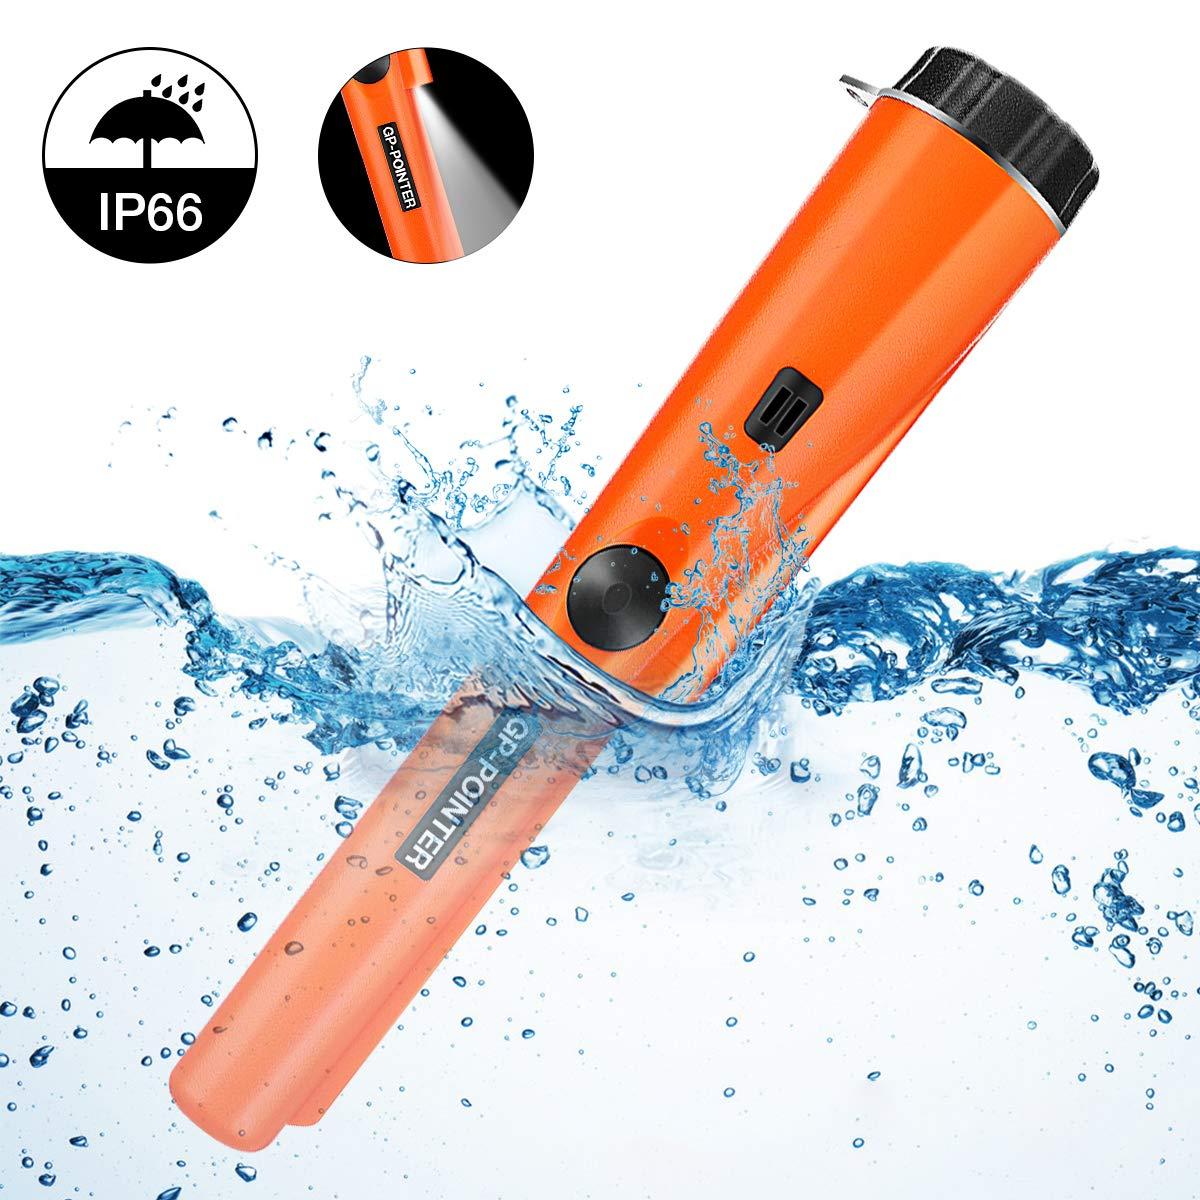 SGODDE Metalldetektor Metall Pointer Wasserdichter Pinpointer mit eingebautem LED Indicator und Holster Zubeh/ör f/ür Empfindlichkeit Schatzsuche f/ür Goldm/ünze Hunt f/ür Erwachsene//Kinder